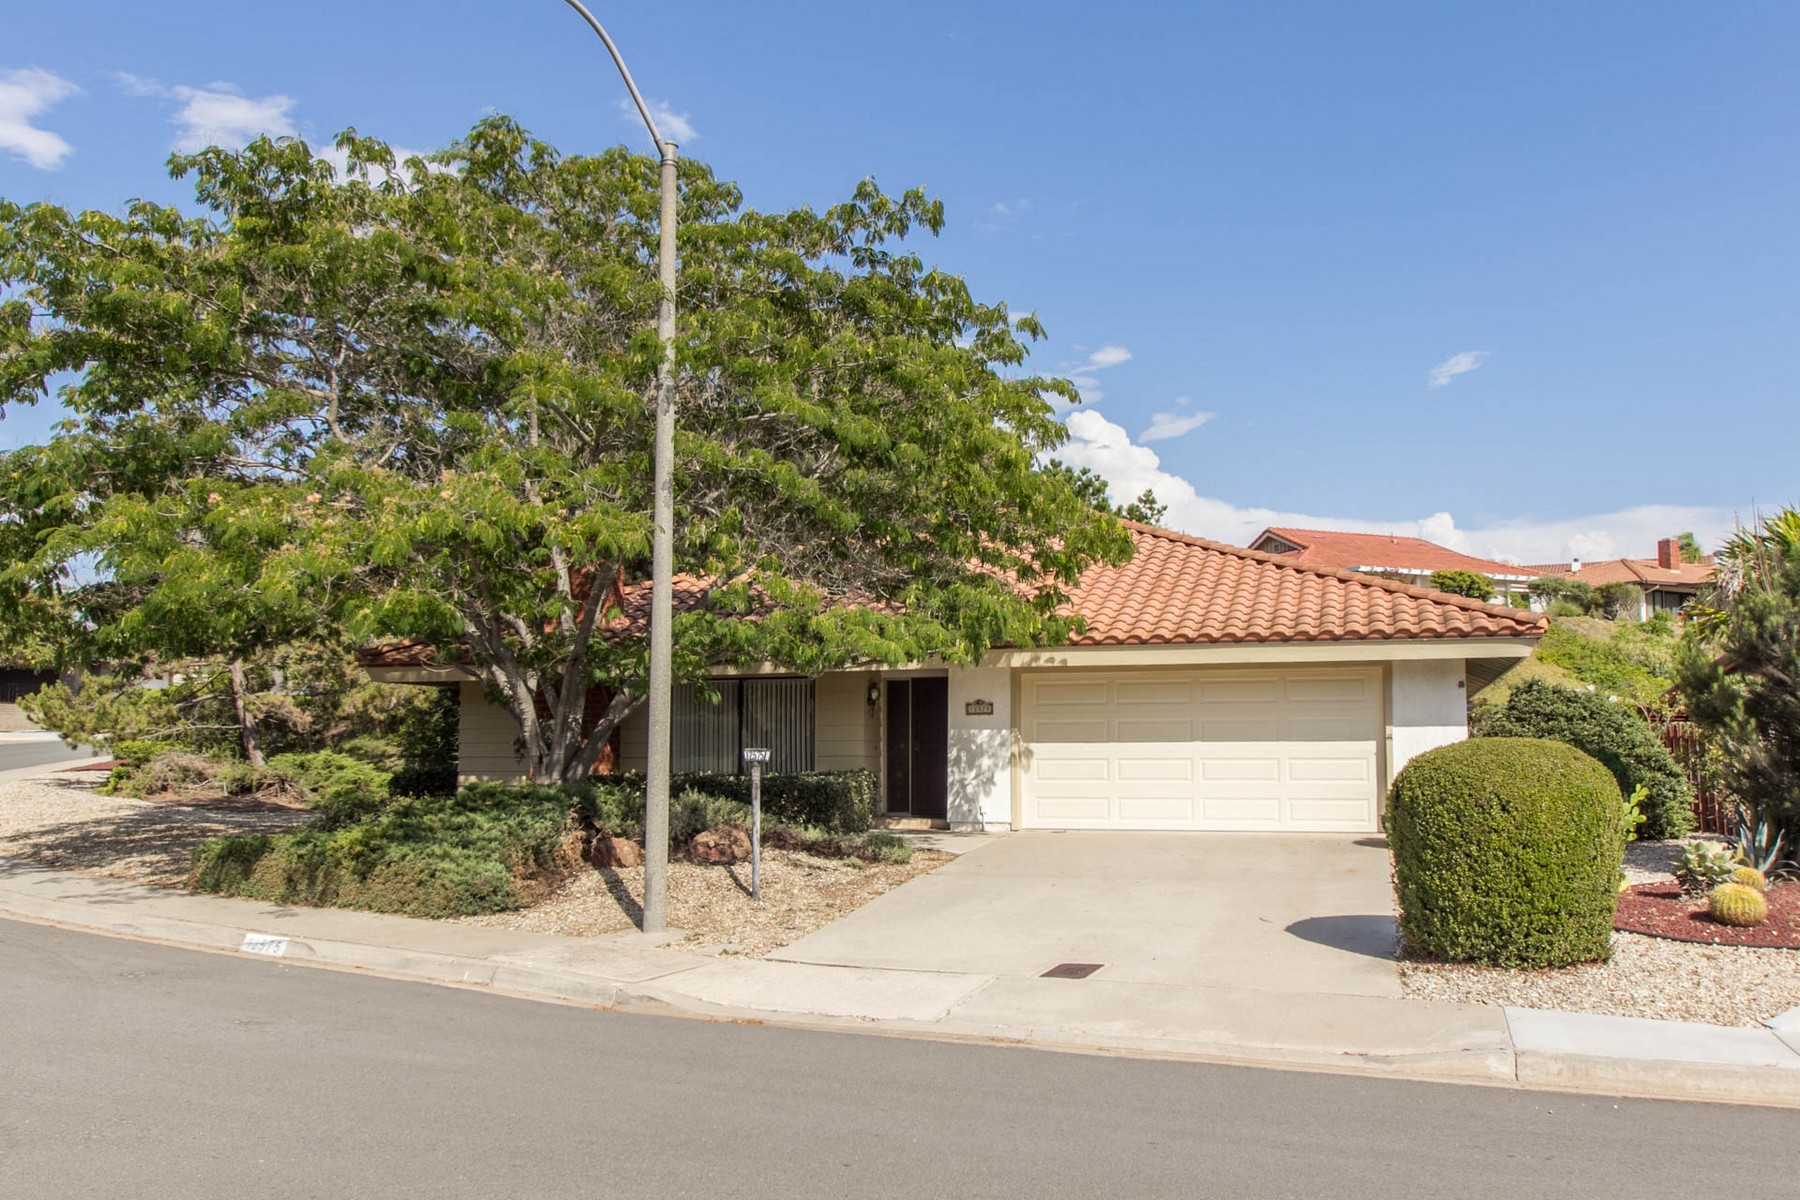 Maison unifamiliale pour l Vente à 12575 Camino Emparrado San Diego, Californie 92128 États-Unis